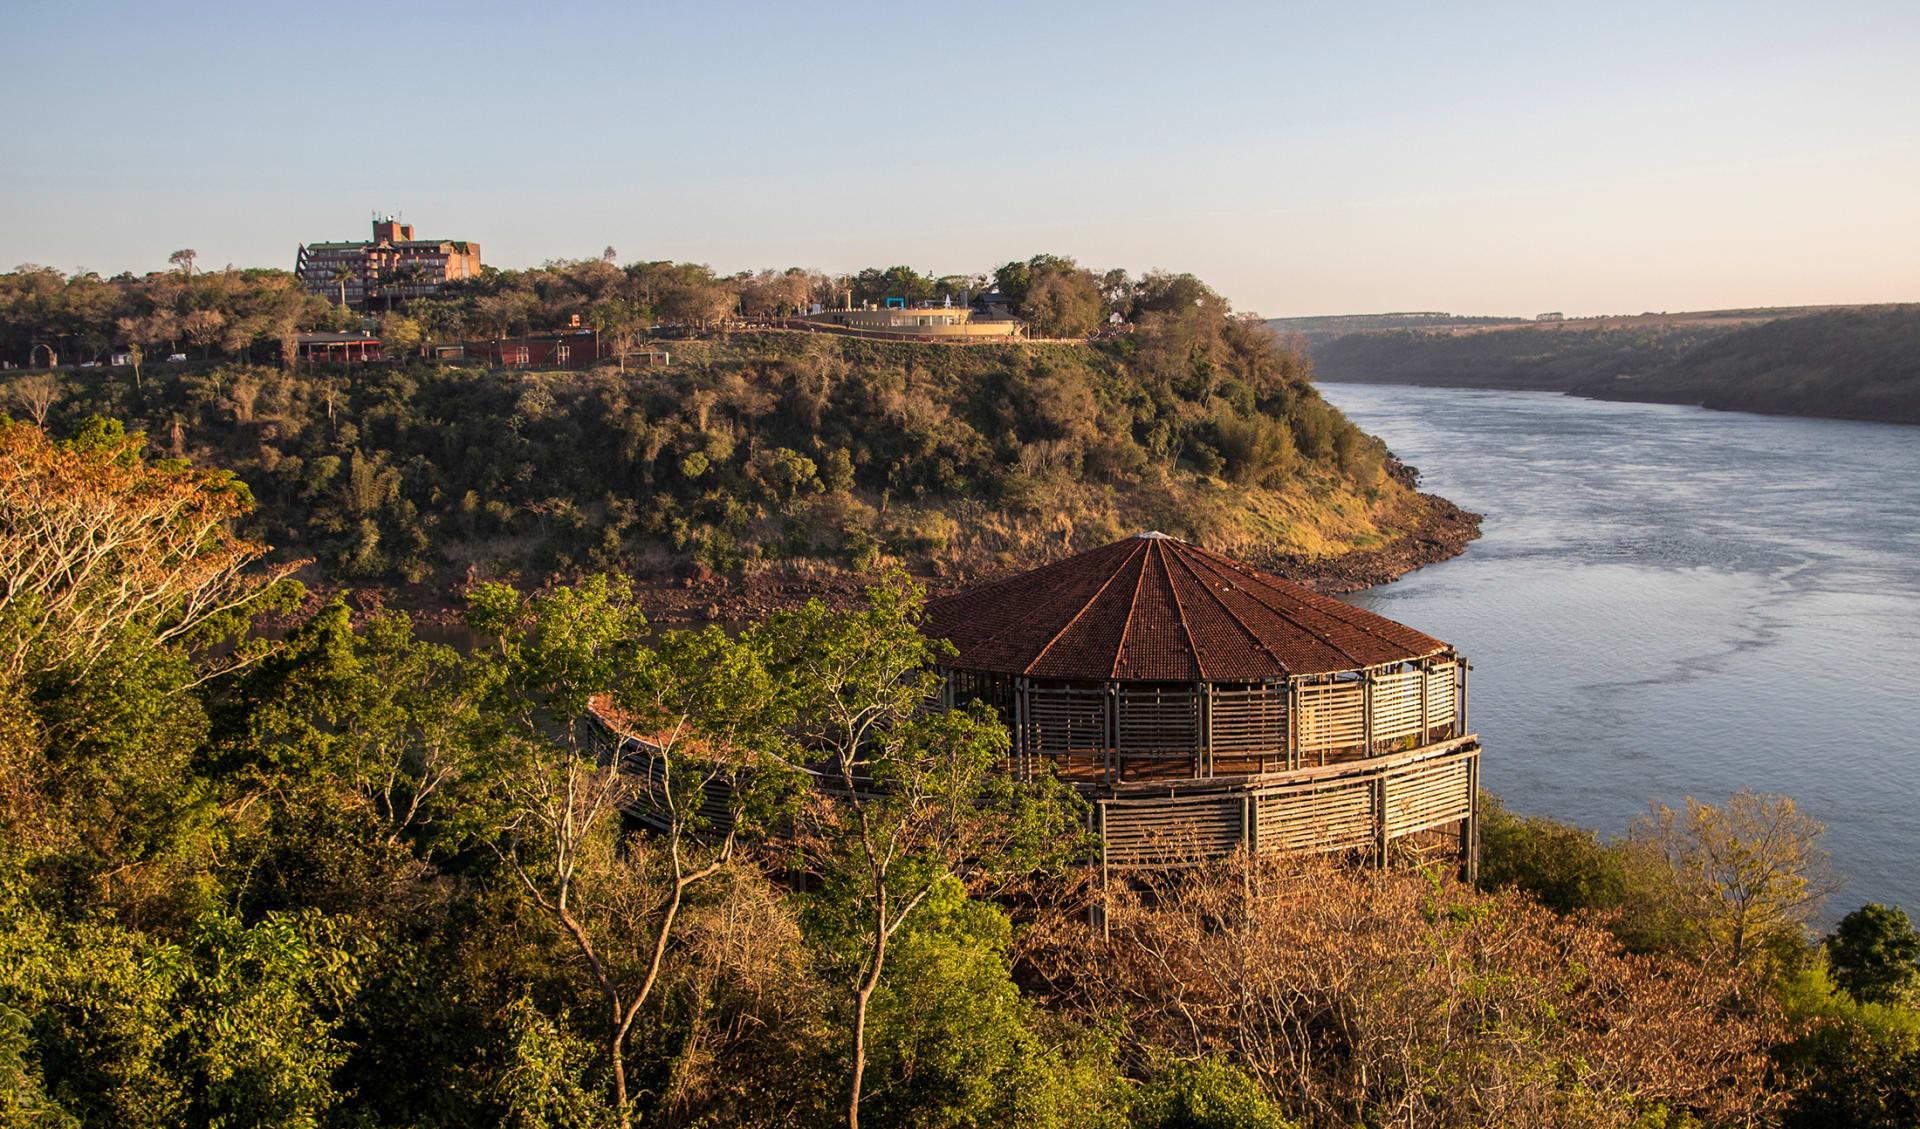 Foz do Iguaçu, Paraguay